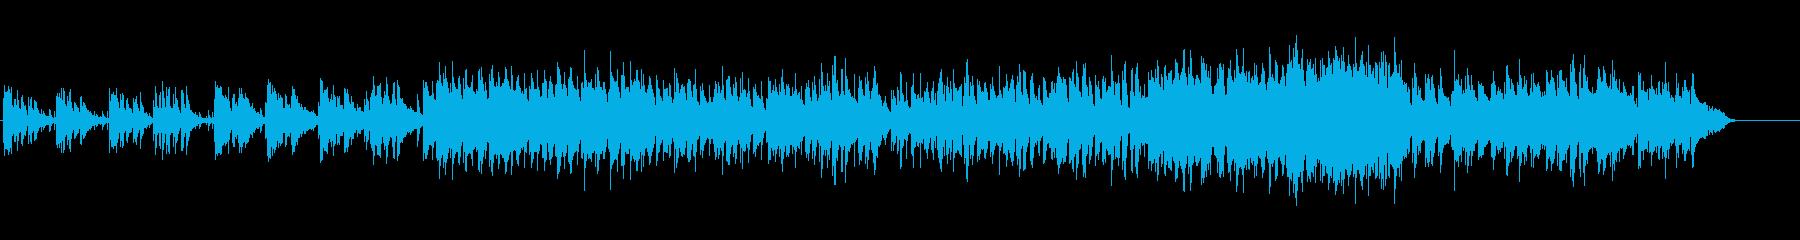 素朴でほのぼのとしたポップ・ミュージックの再生済みの波形